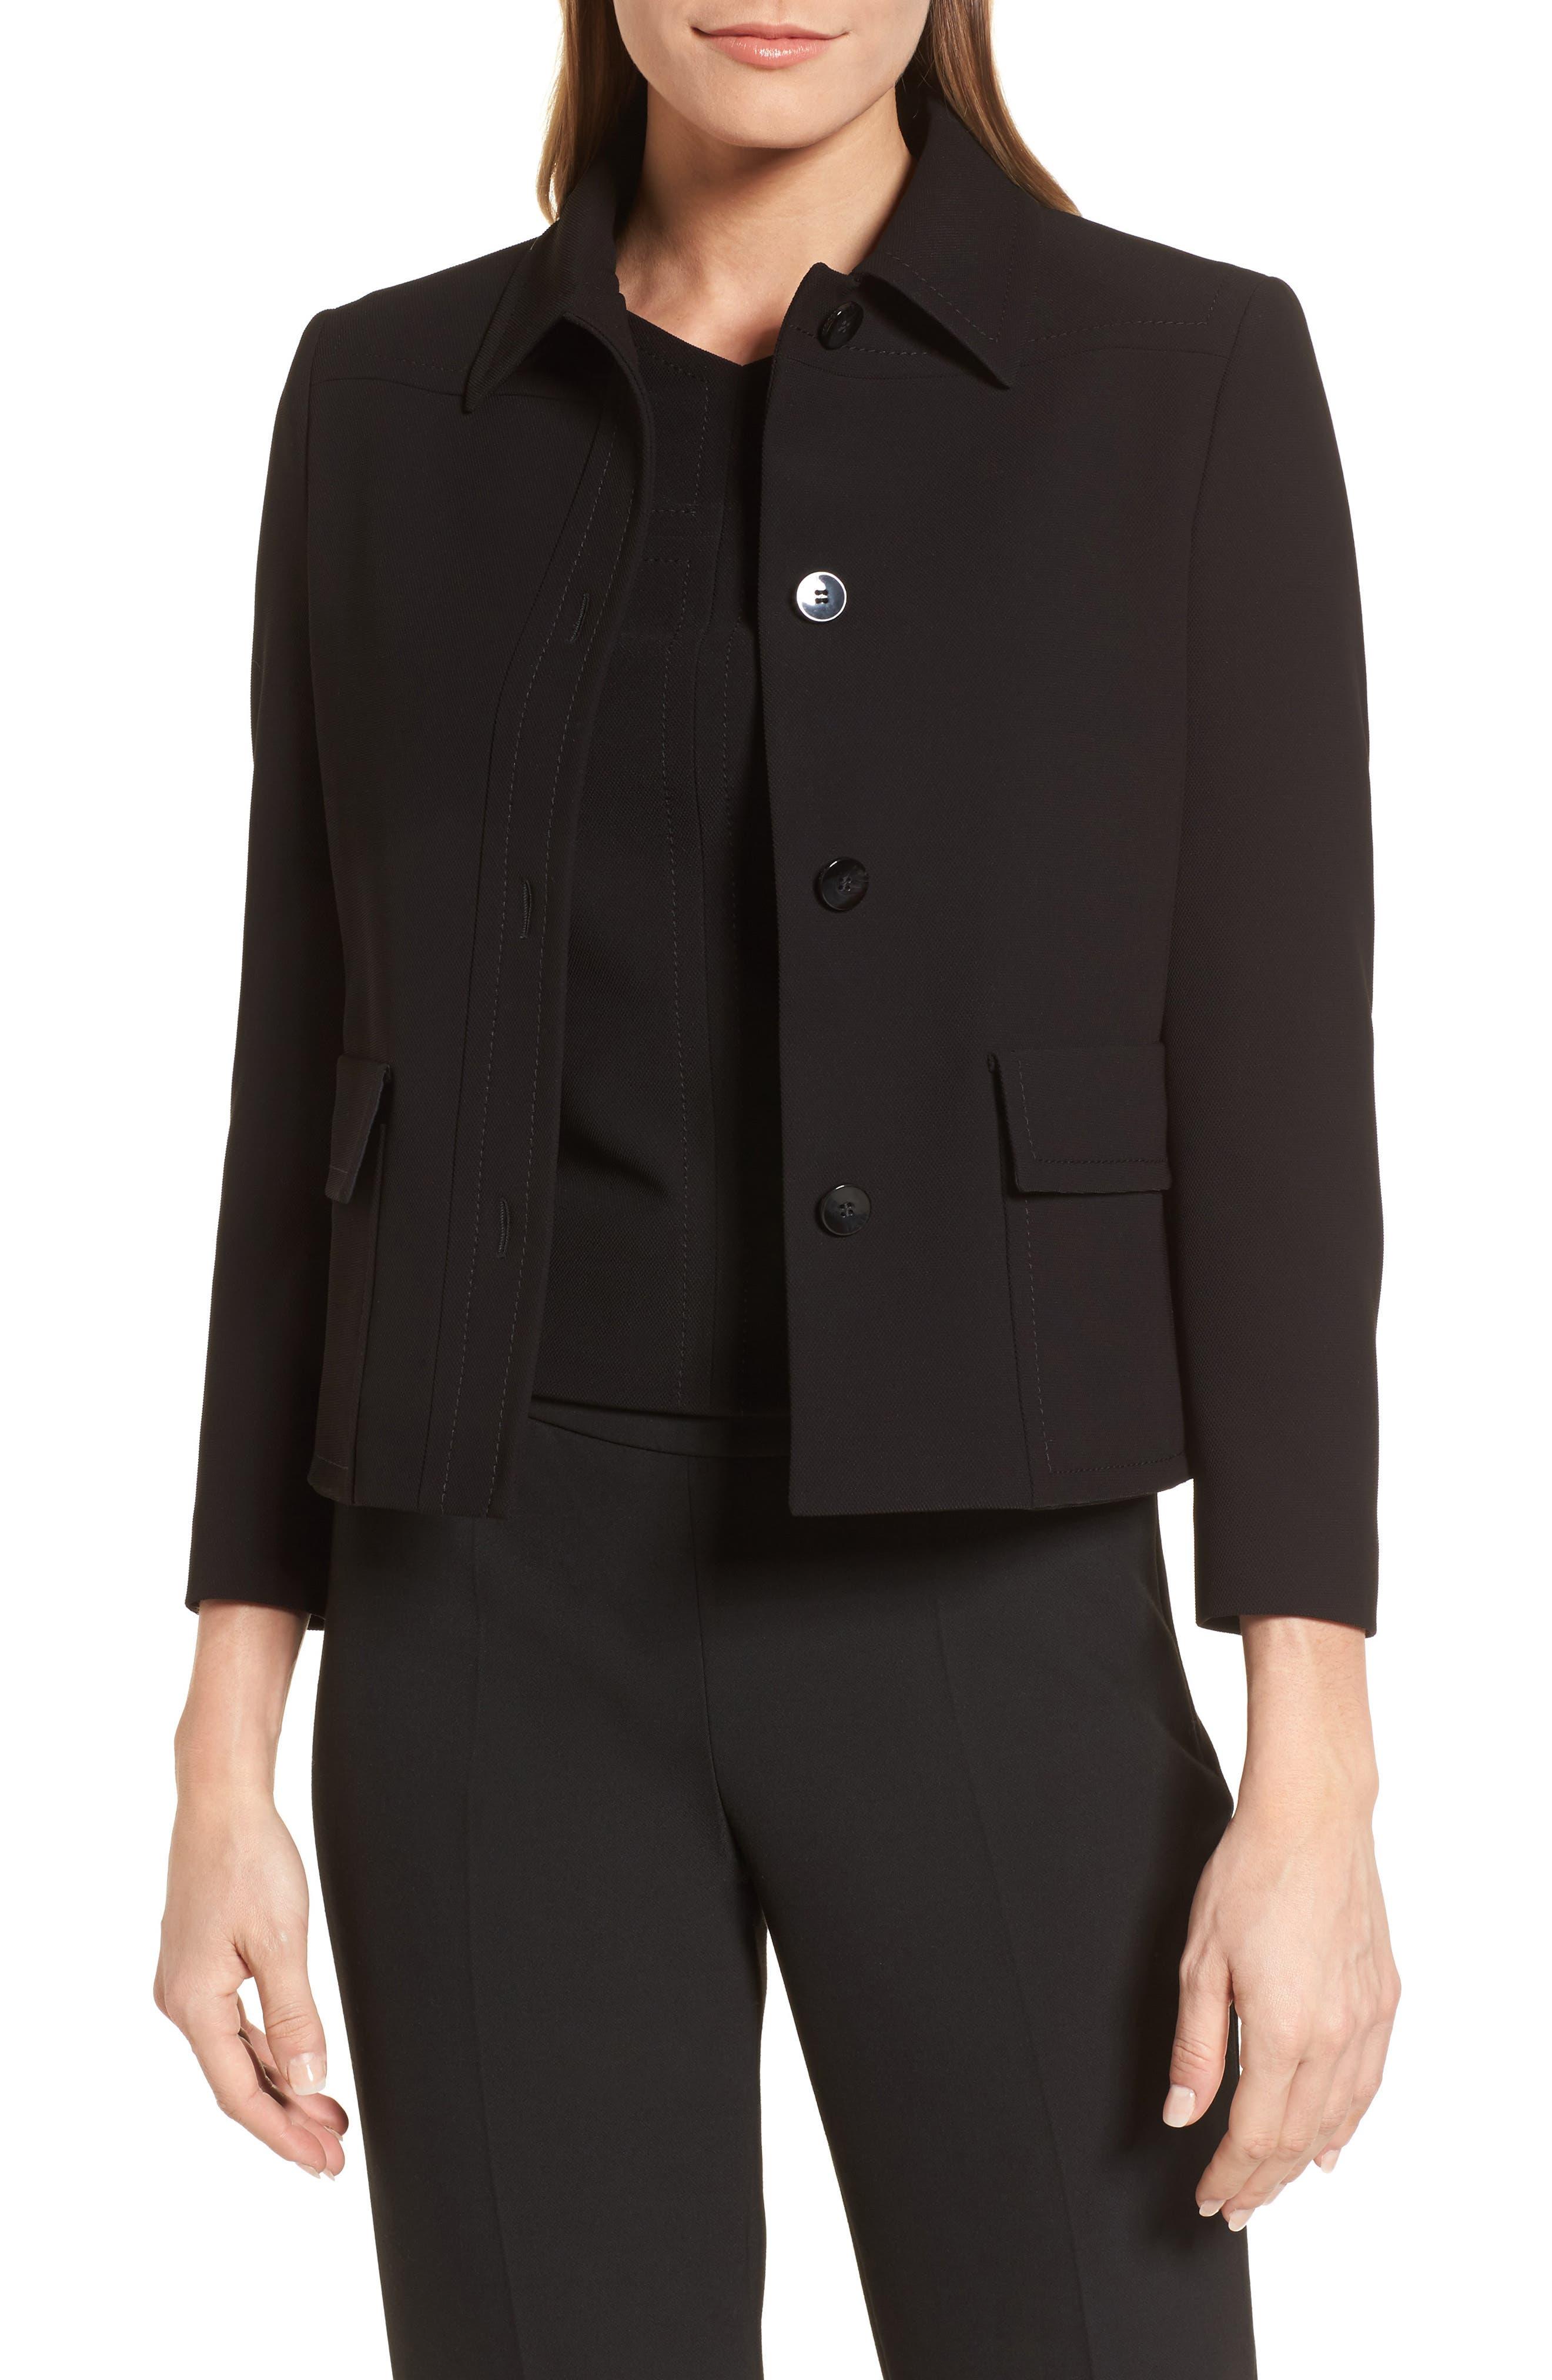 Juriona Crop Jacket,                         Main,                         color, Black